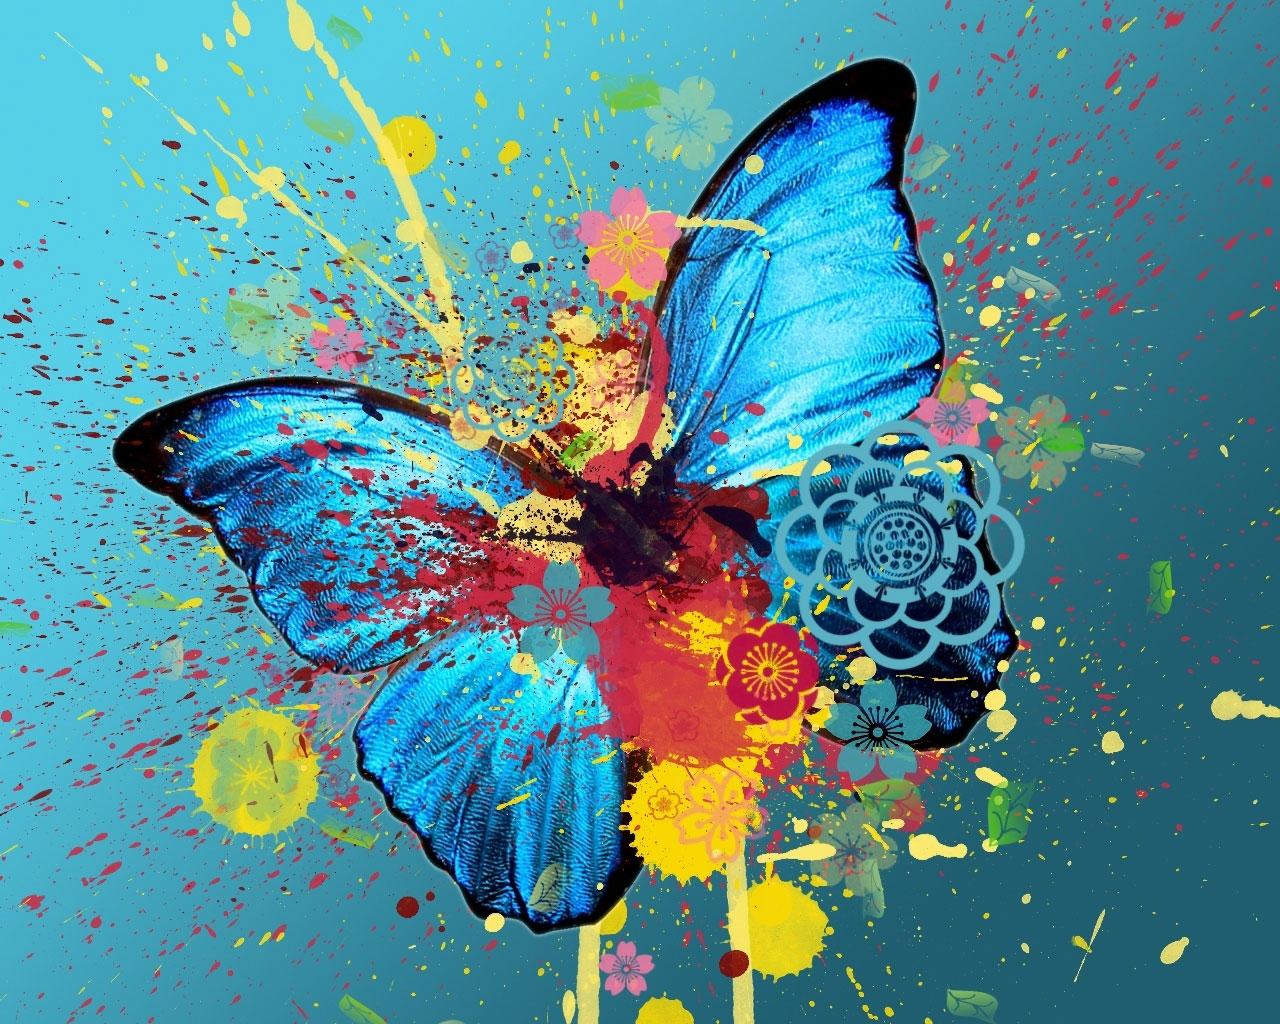 http://1.bp.blogspot.com/-8JAnTLnAUjM/Tre3A7r7x9I/AAAAAAAAAEc/rxntHLYm4EU/s1600/Butterfly_abstract_wallpaper.jpg